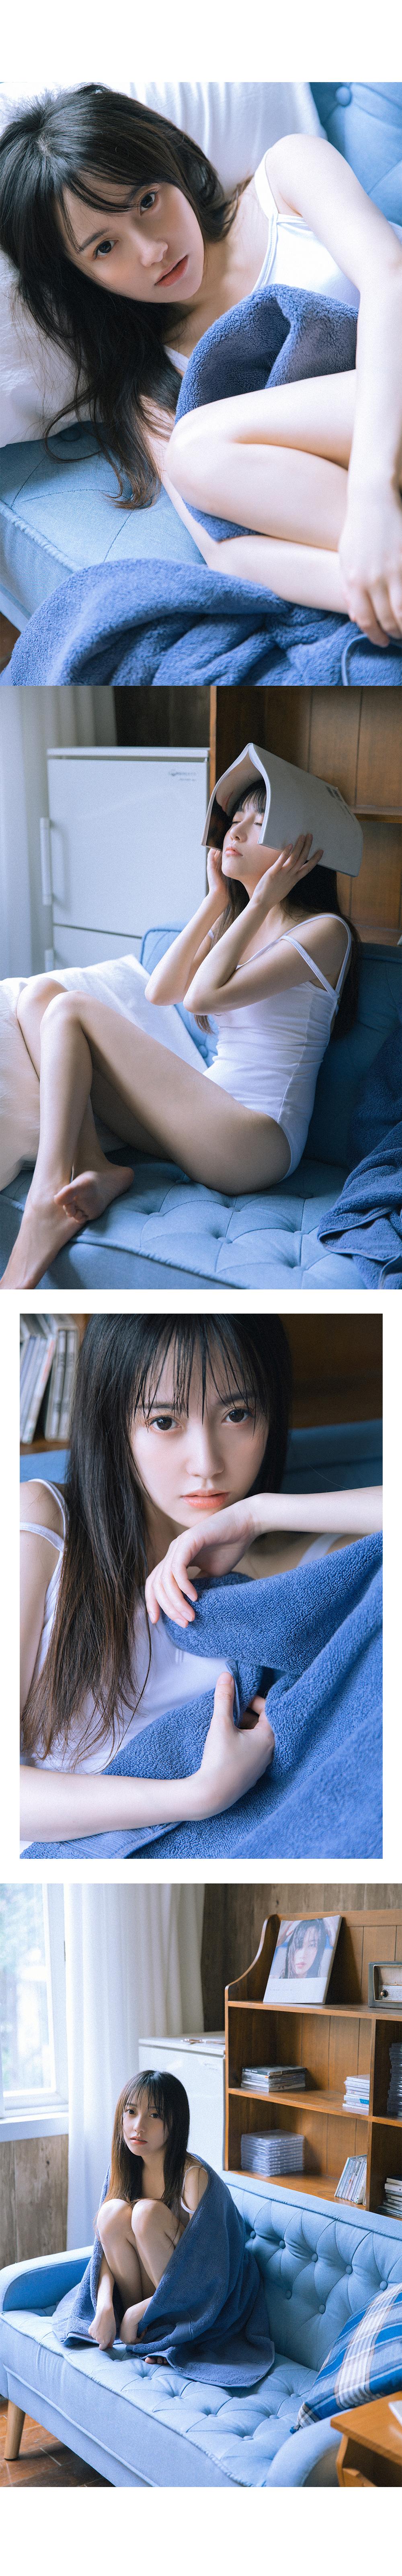 啊啊啊,姑娘你长得好像我女朋友的样子(9P)